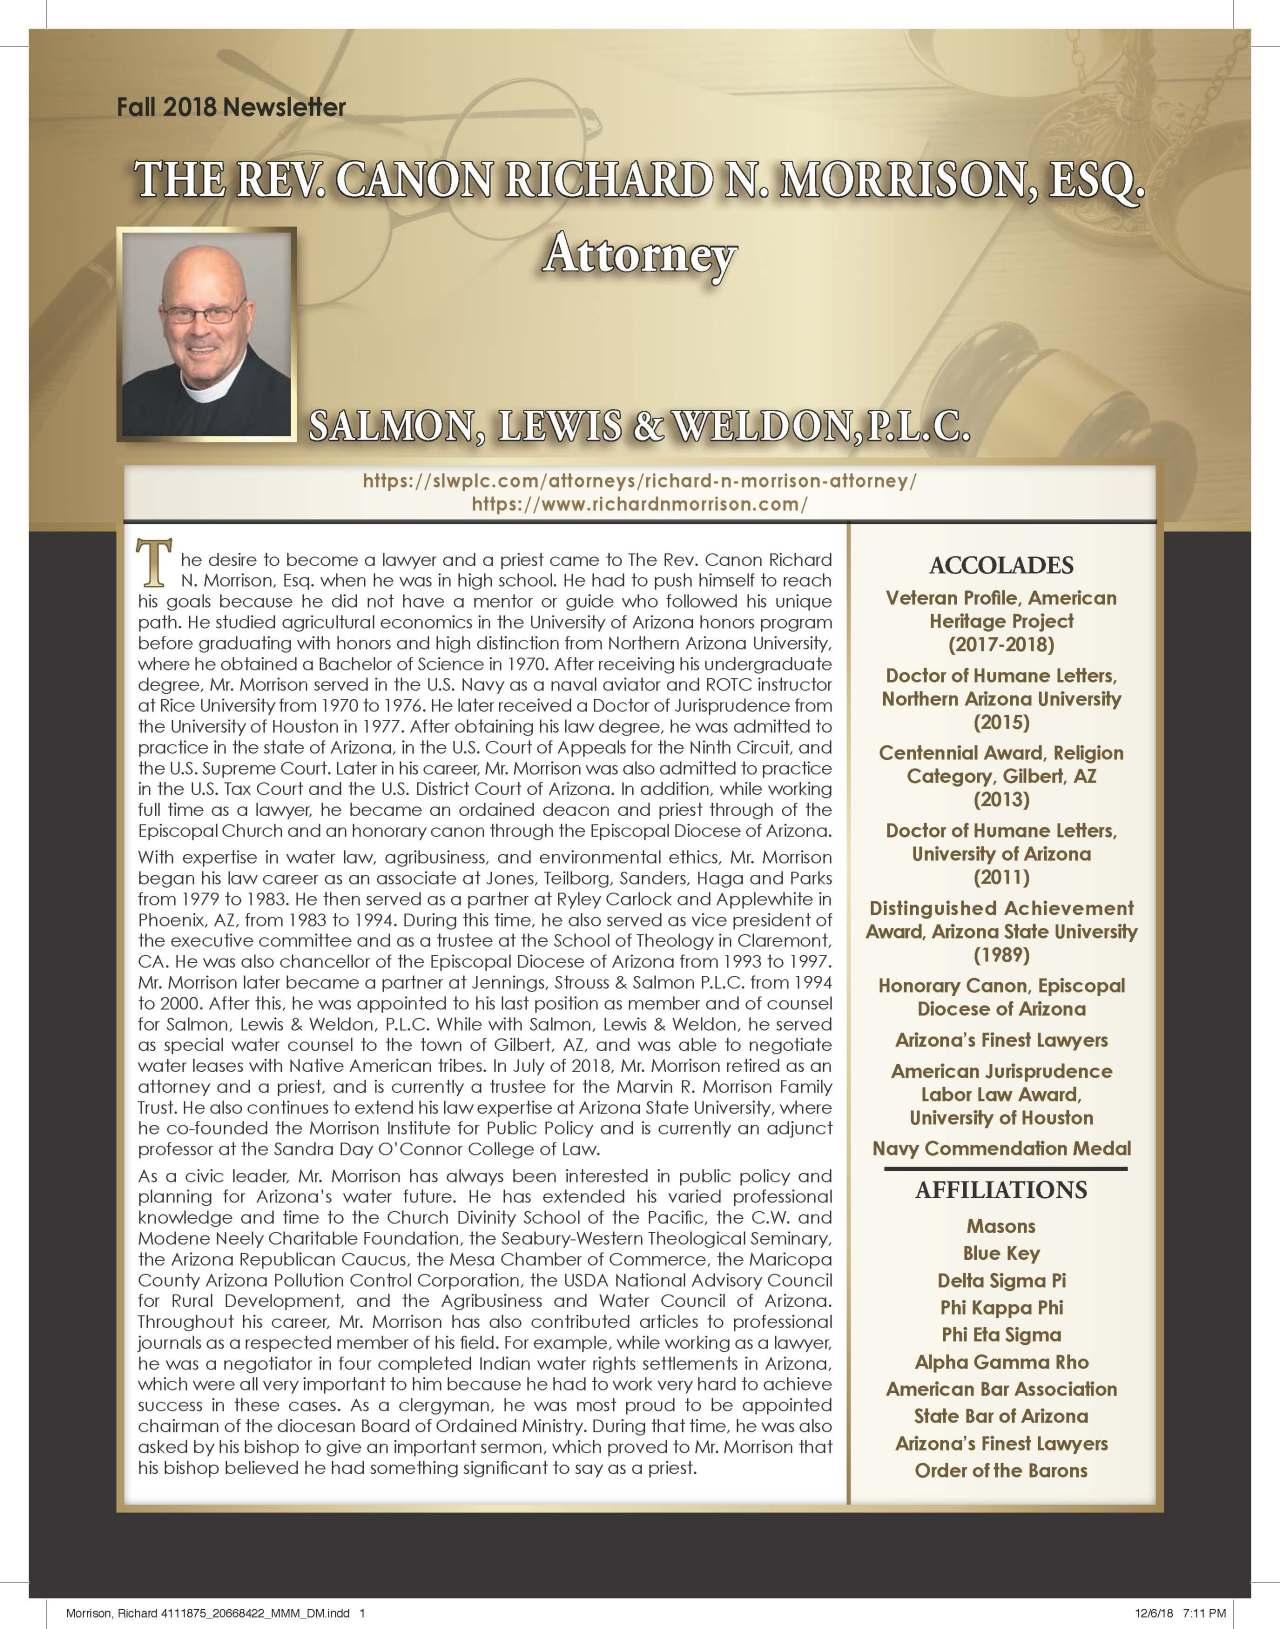 Morrison, Richard 4111875_20668422 Newsletter.jpg